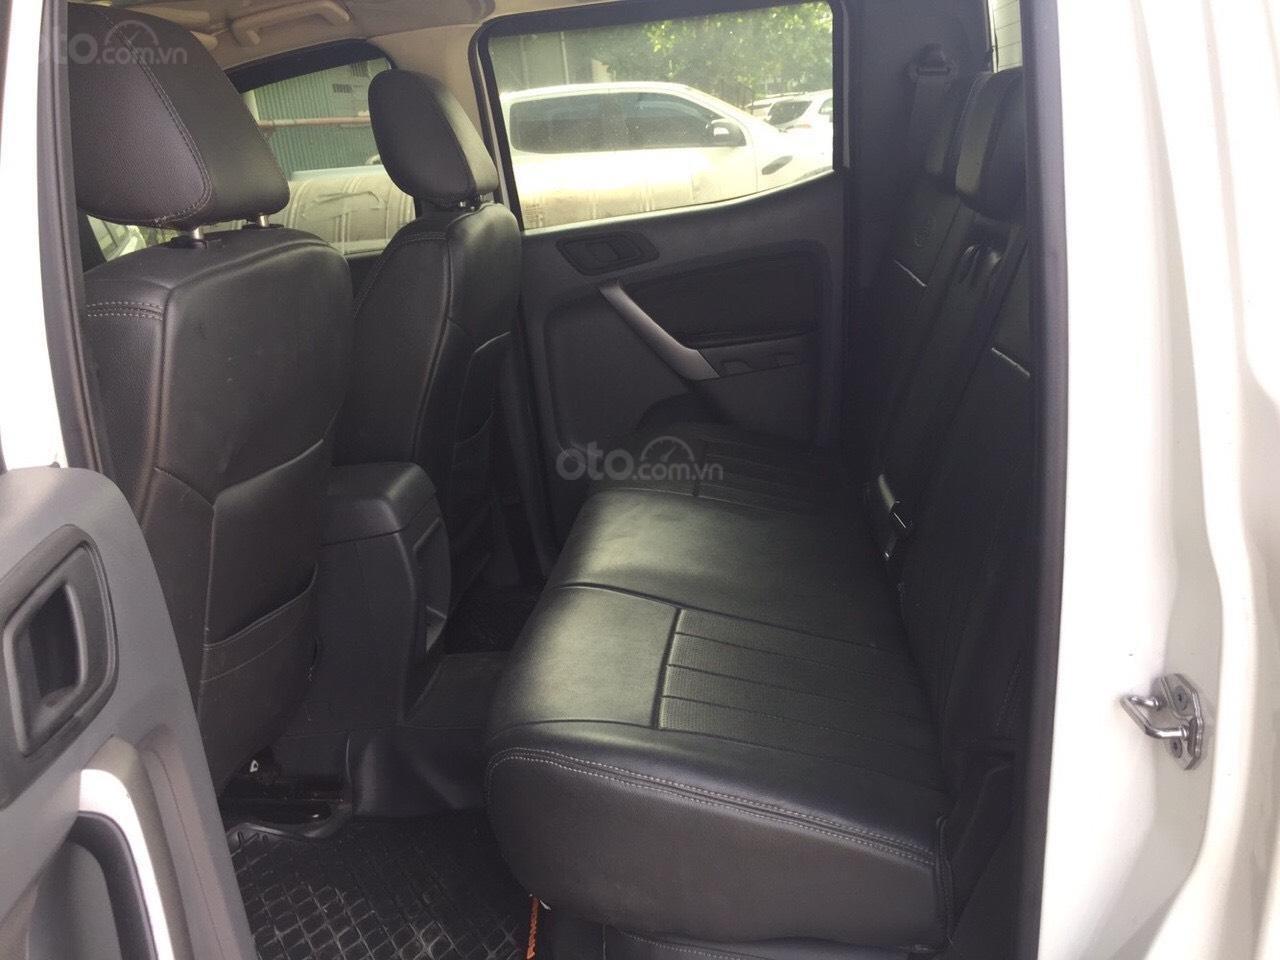 Ranger XLS số sàn, xe chất đời 2016, xe mới như hình, bán và bảo hành chính hãng Ford (6)